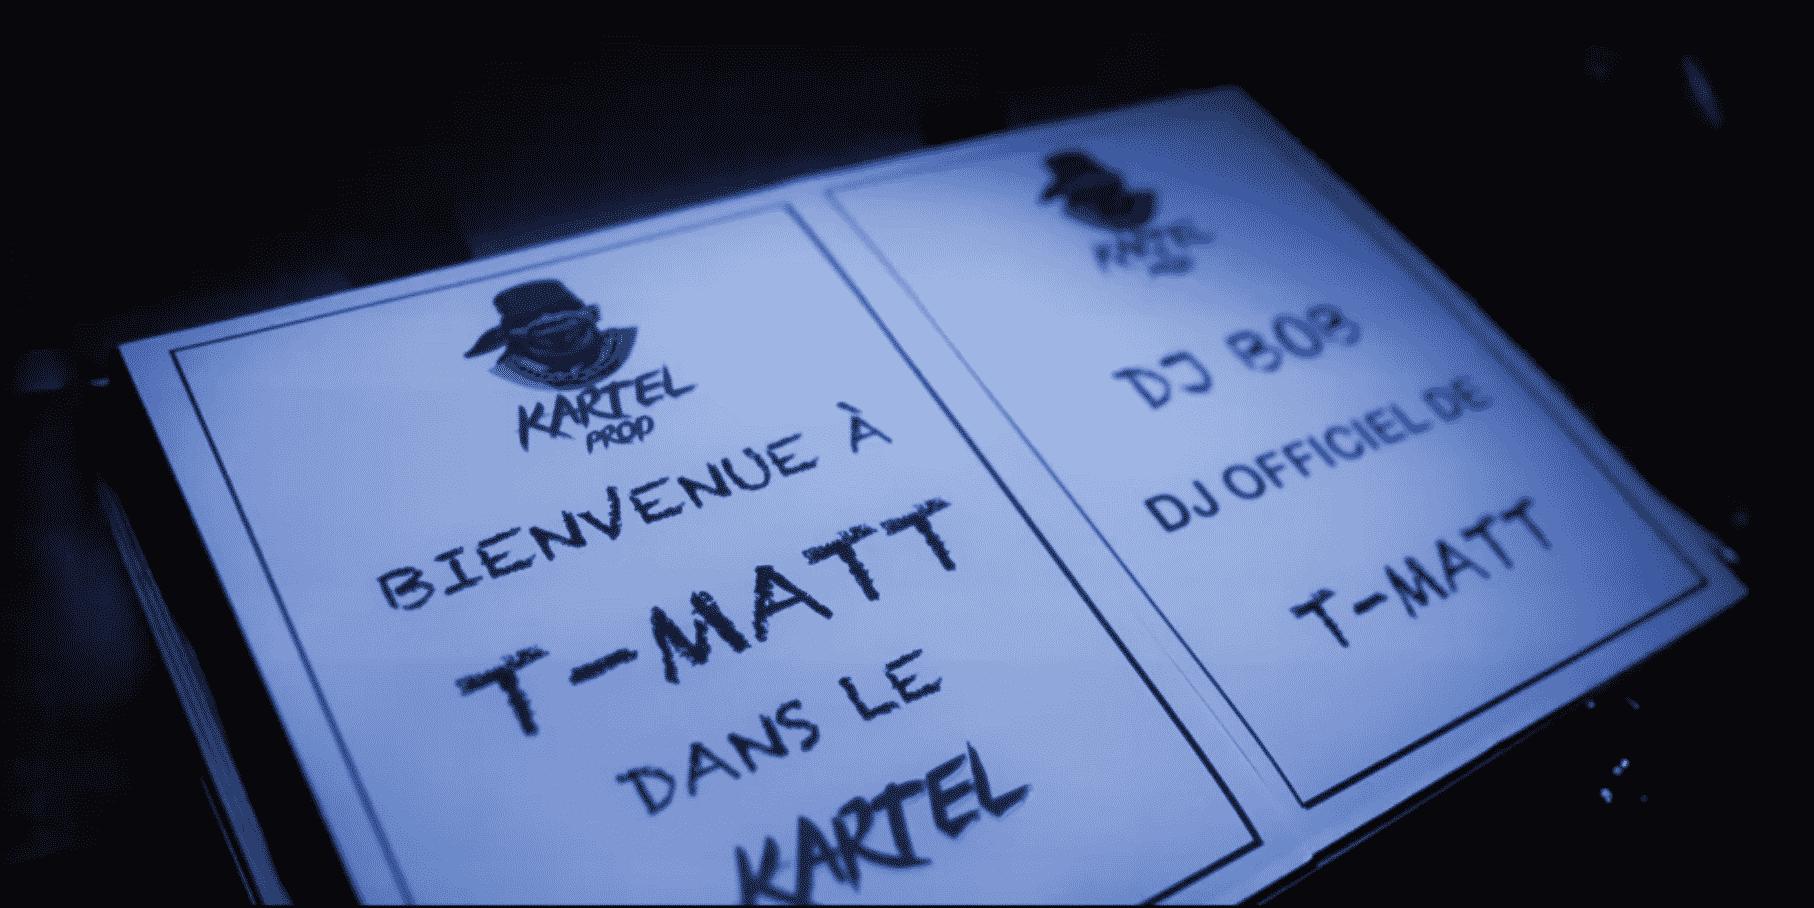 Kartel Prod intègre T Matt et fait de Dj Bob, son Dj officiel